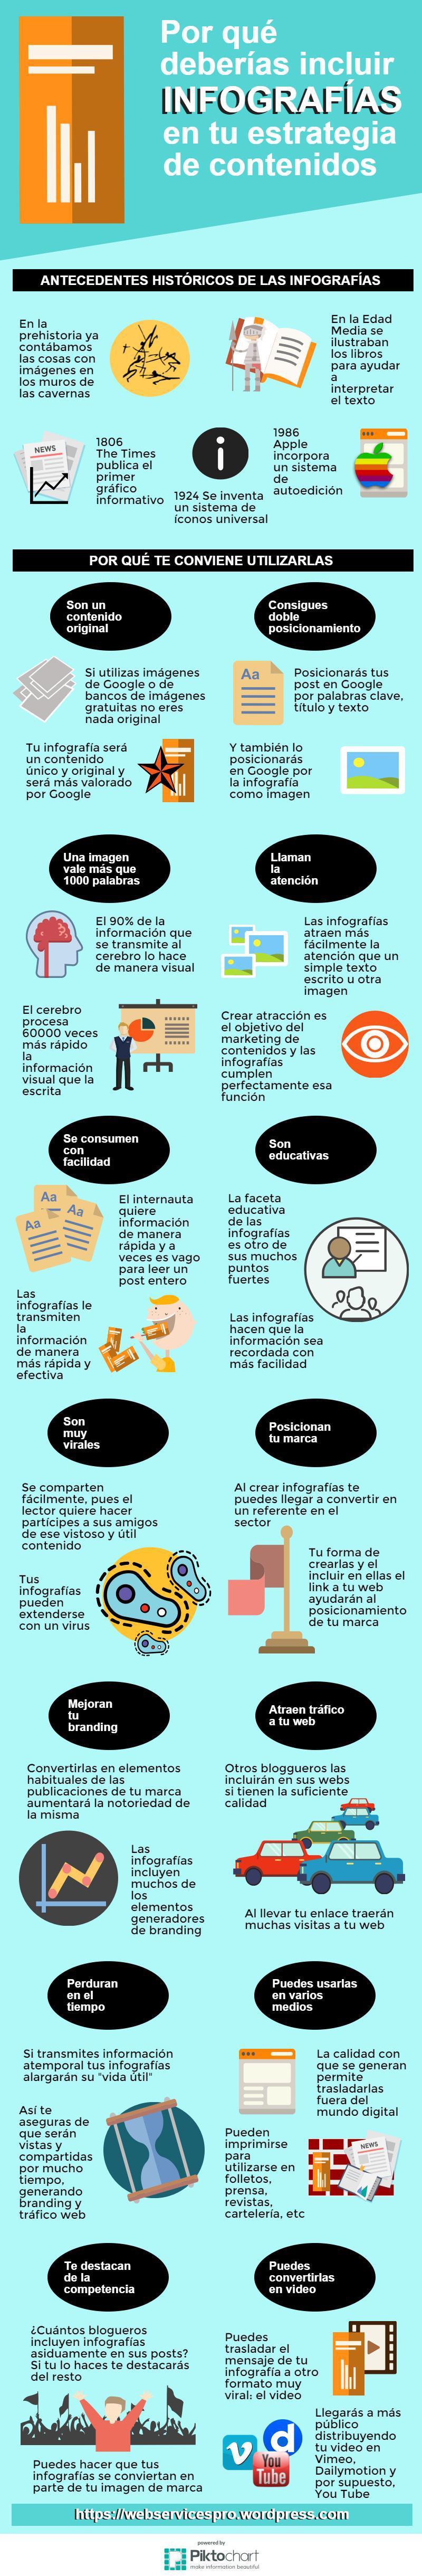 Estrategia de Contenidos: el gran valor de las Infografías